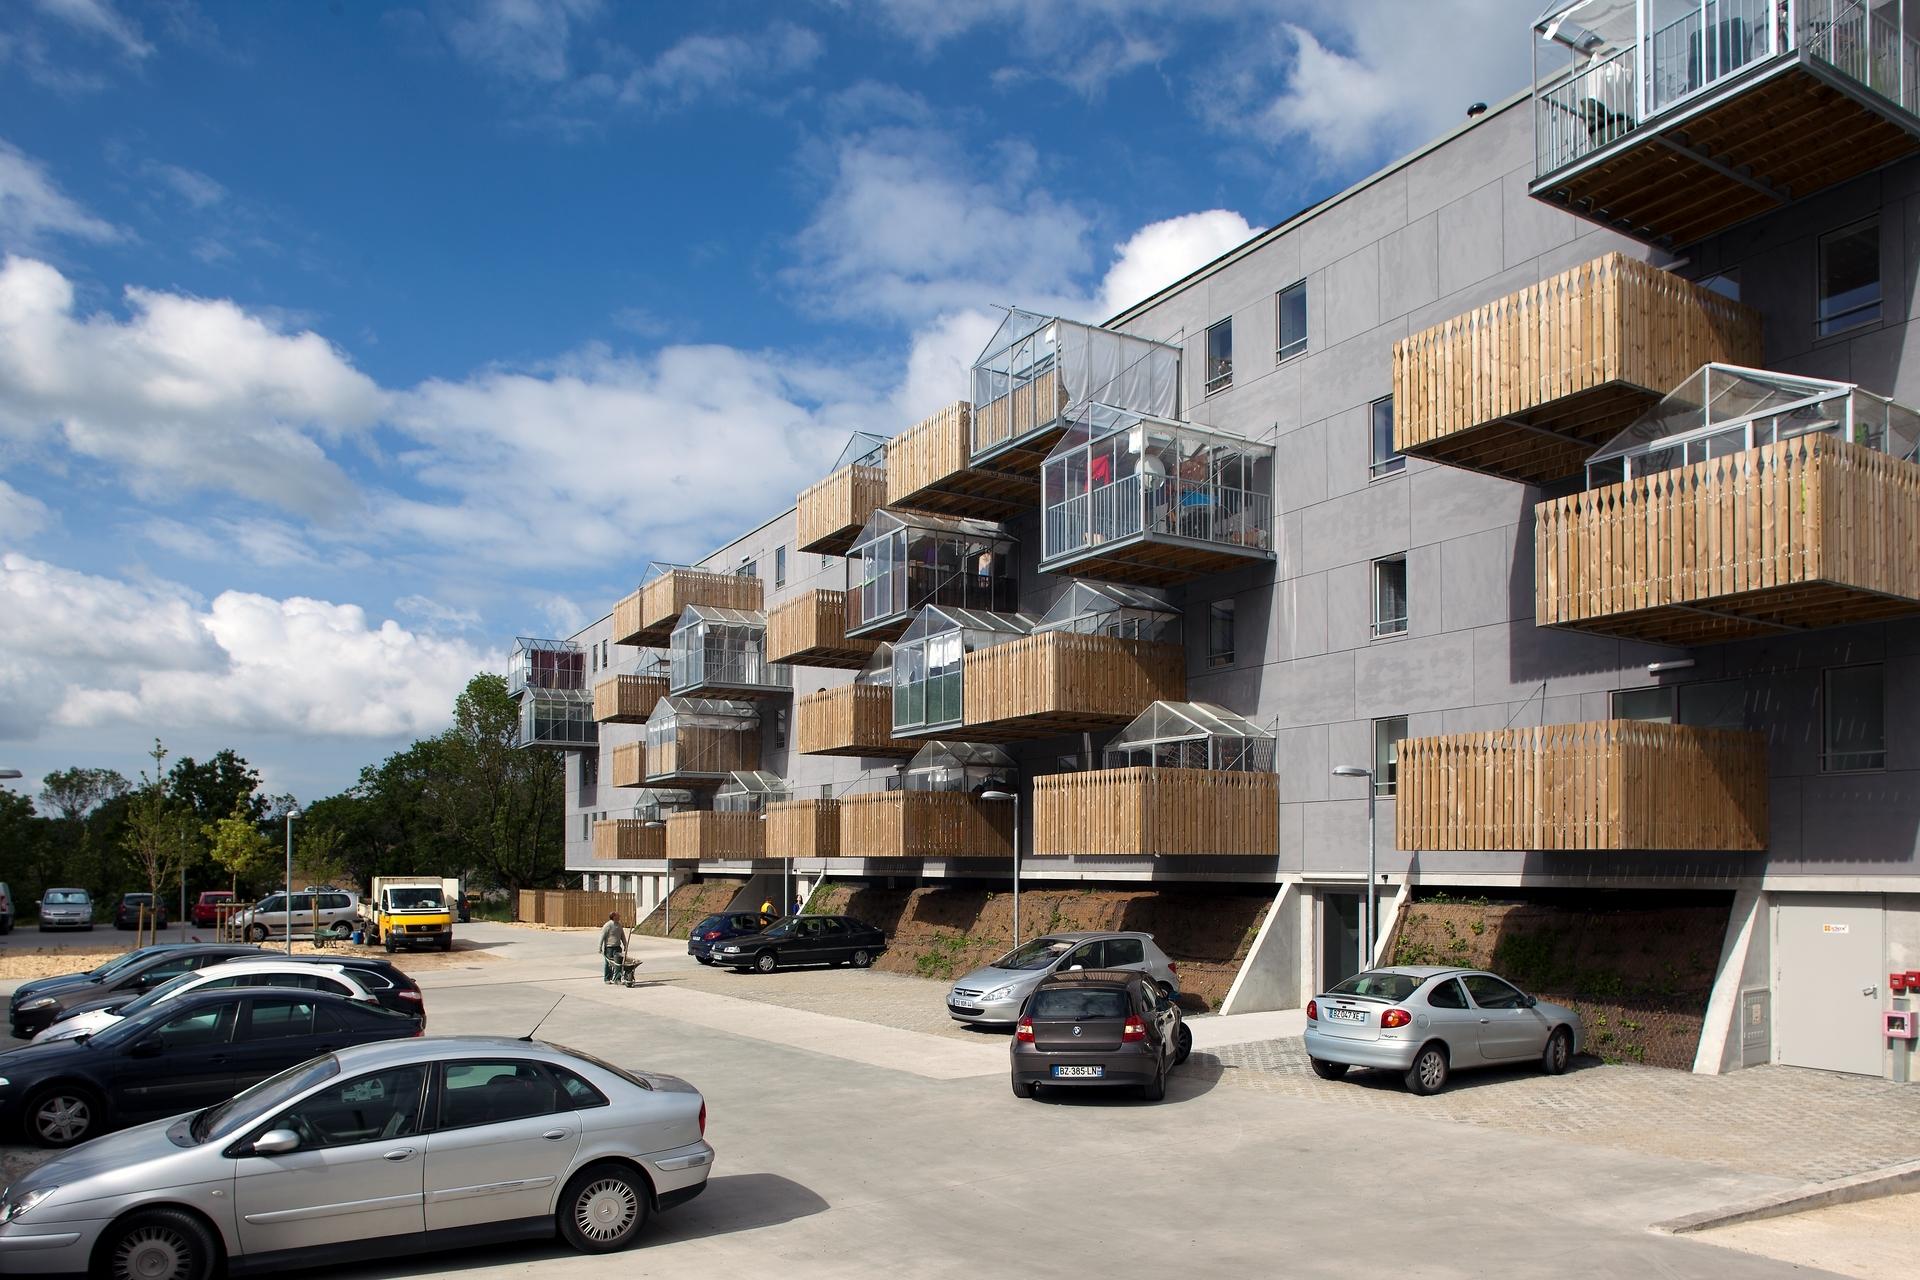 Ba tòa nhà được mọc trên một nền bê tông ổn định - Ảnh © Nicolas Pineau, Stéphane Chalmeau